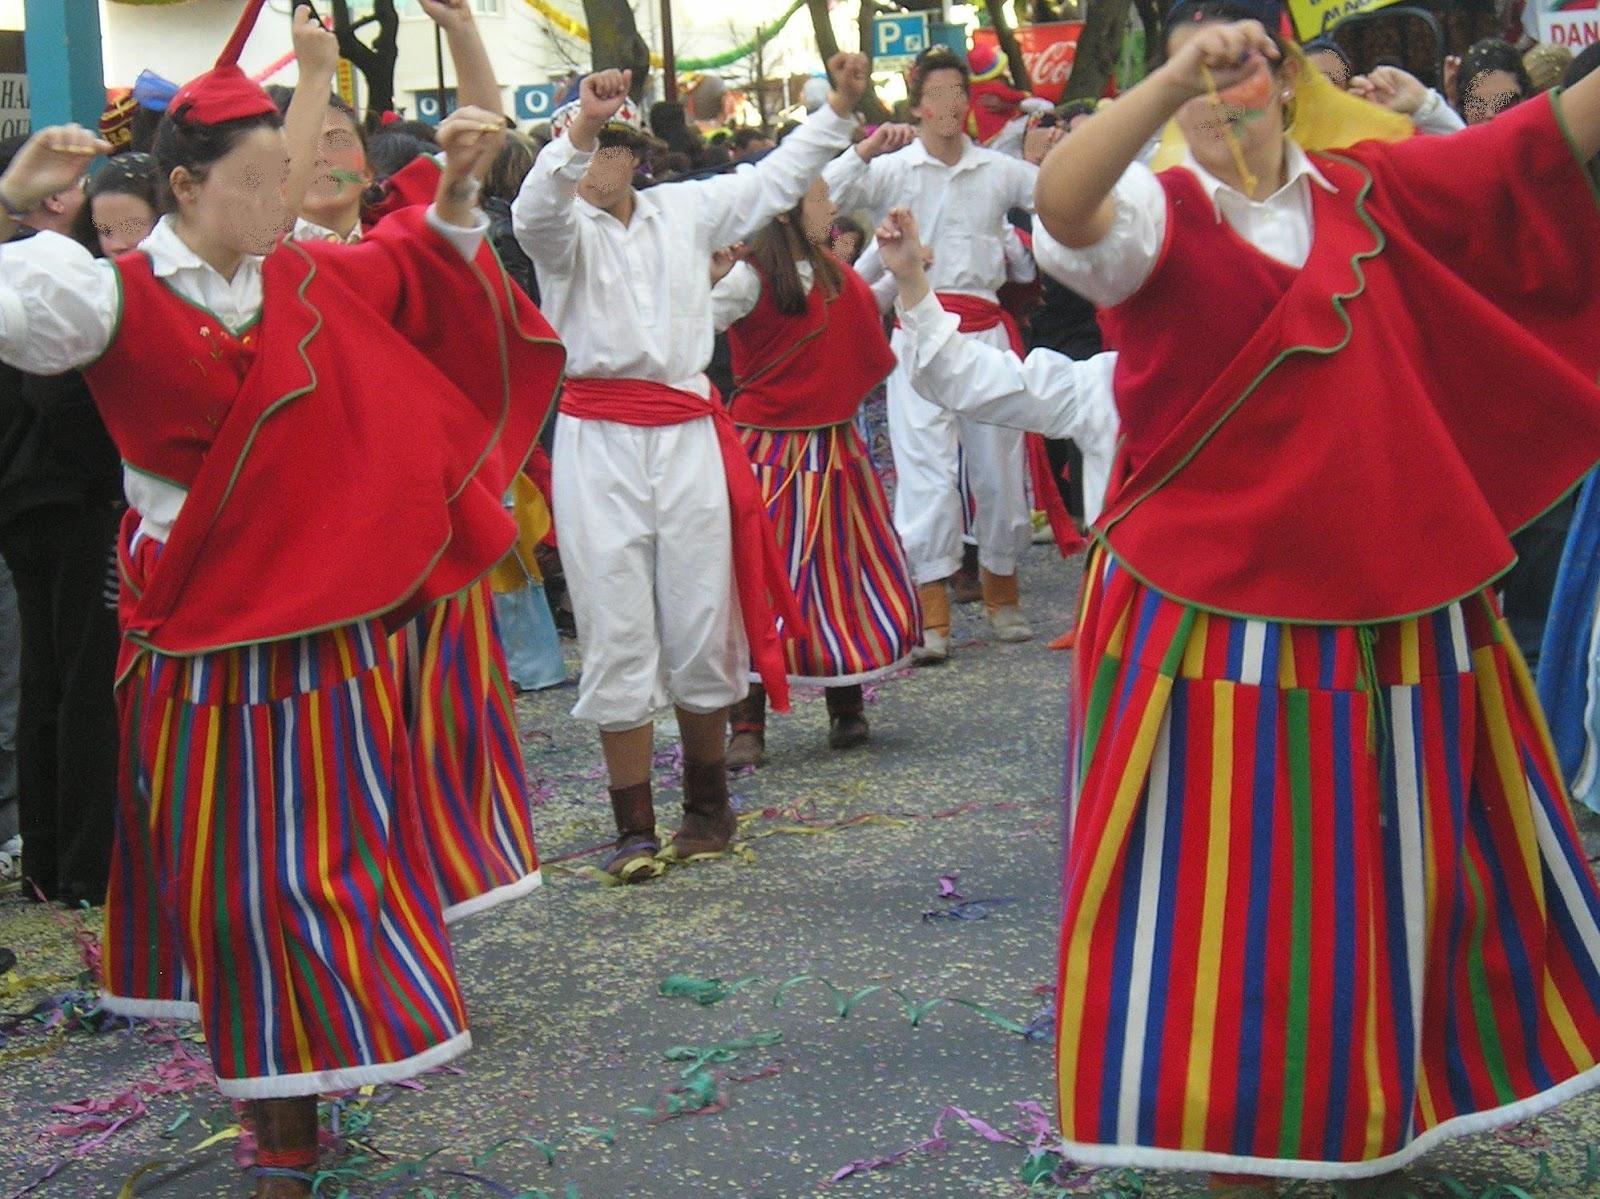 Les portugais aiment beaucoup lîle de Madère. Cette année au carnaval de Loulé (ville du sud du Portugal), lorganisation a décidé de « taquiner » un peu